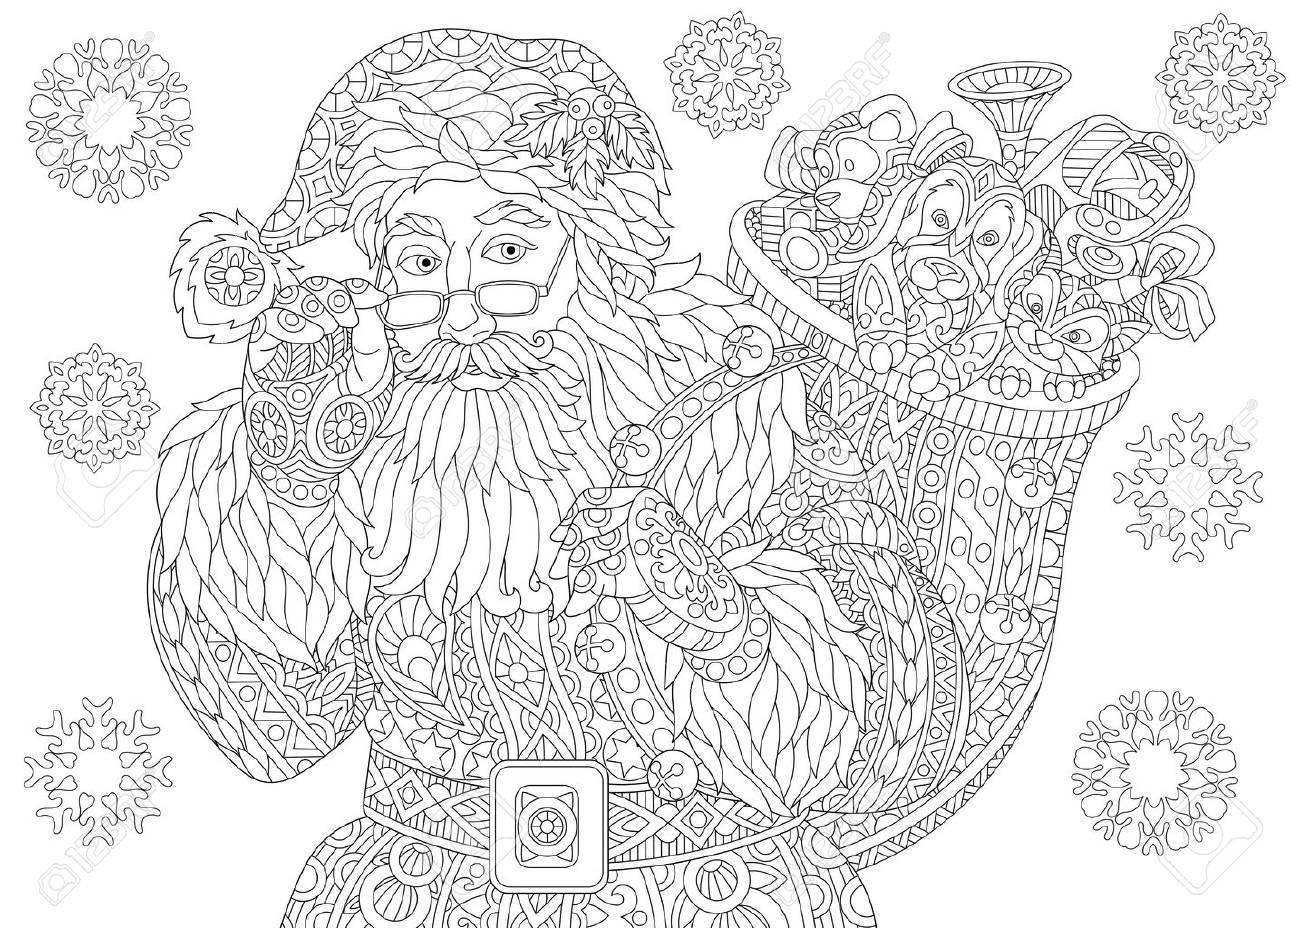 Página Para Colorear De Santa Claus Con Bolsa Llena De Regalos De Vacaciones Copos De Nieve Vintage De Navidad Dibujo De Bosquejo A Mano Alzada